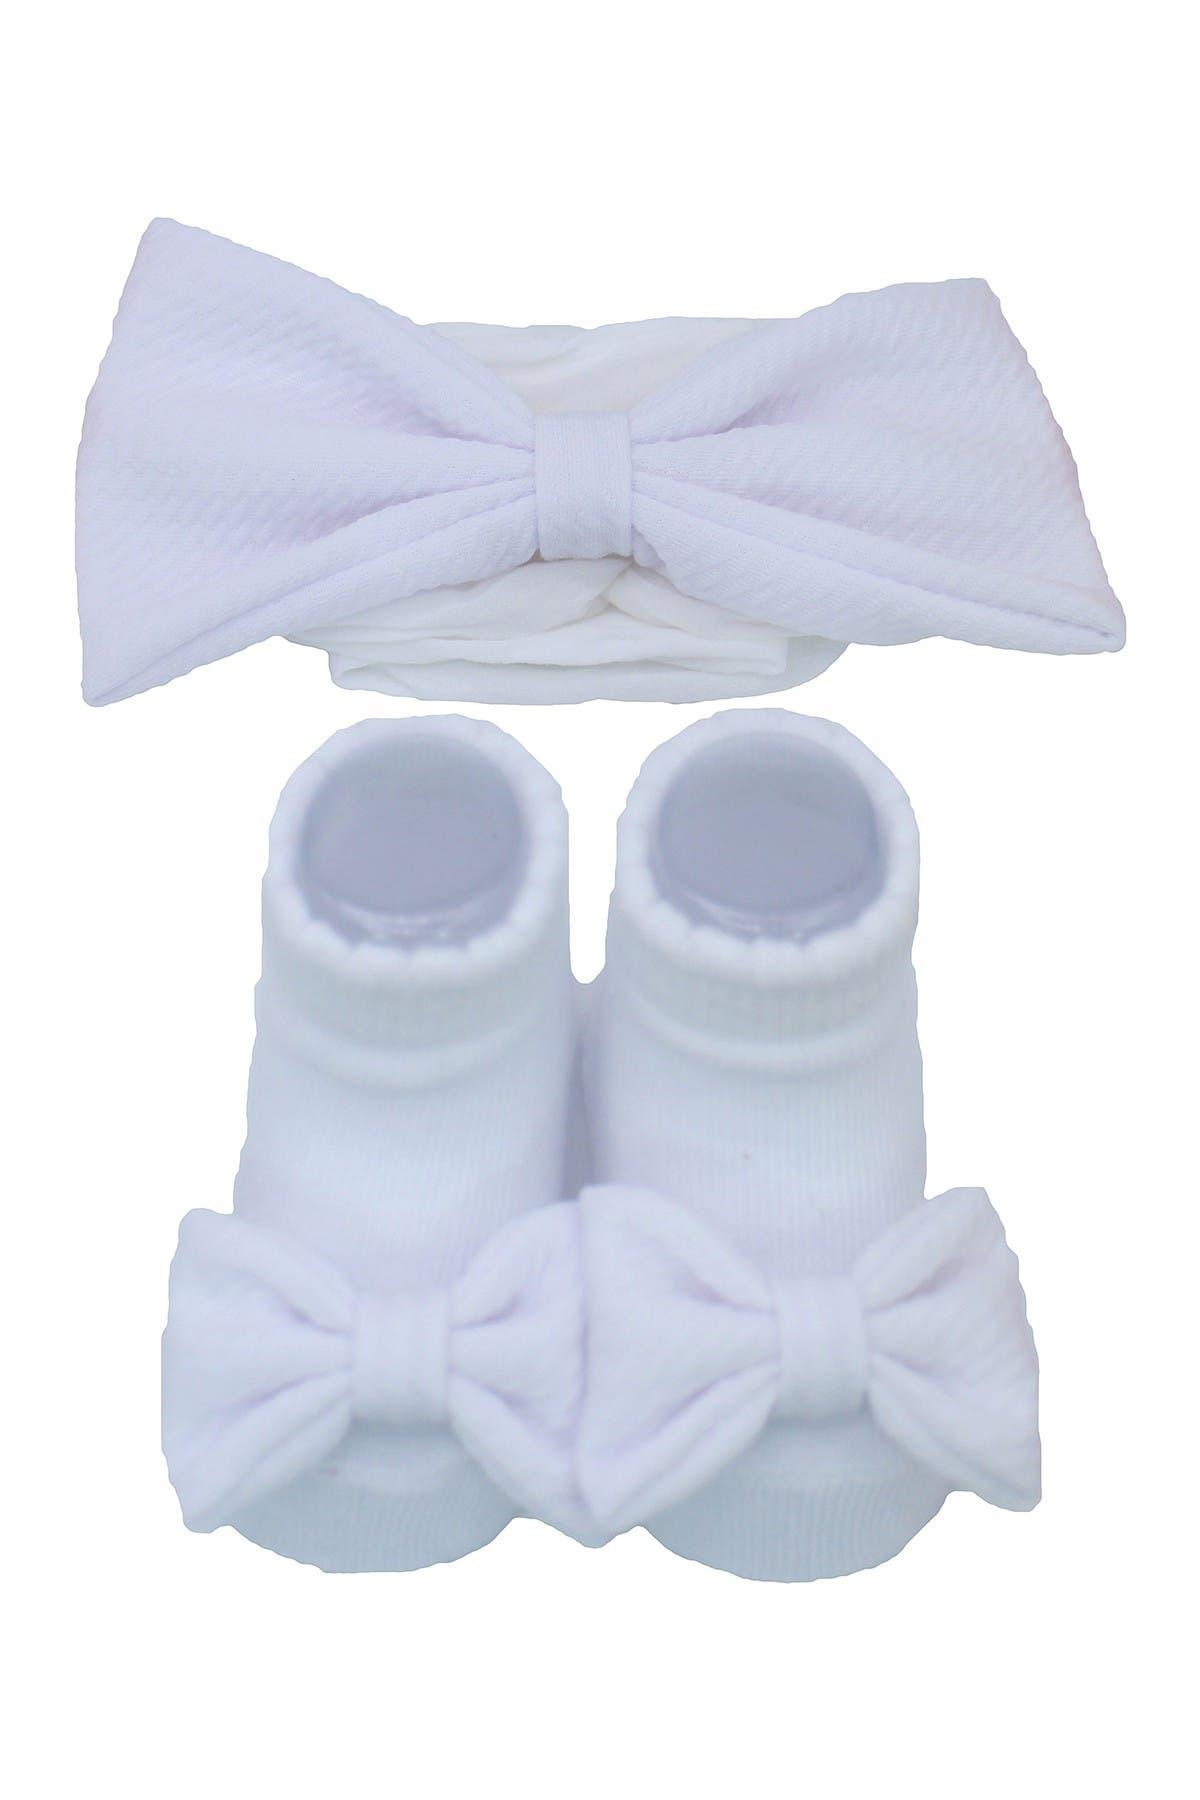 Image of Laura Ashley White Bow Heaband & Sock 2-Piece Set